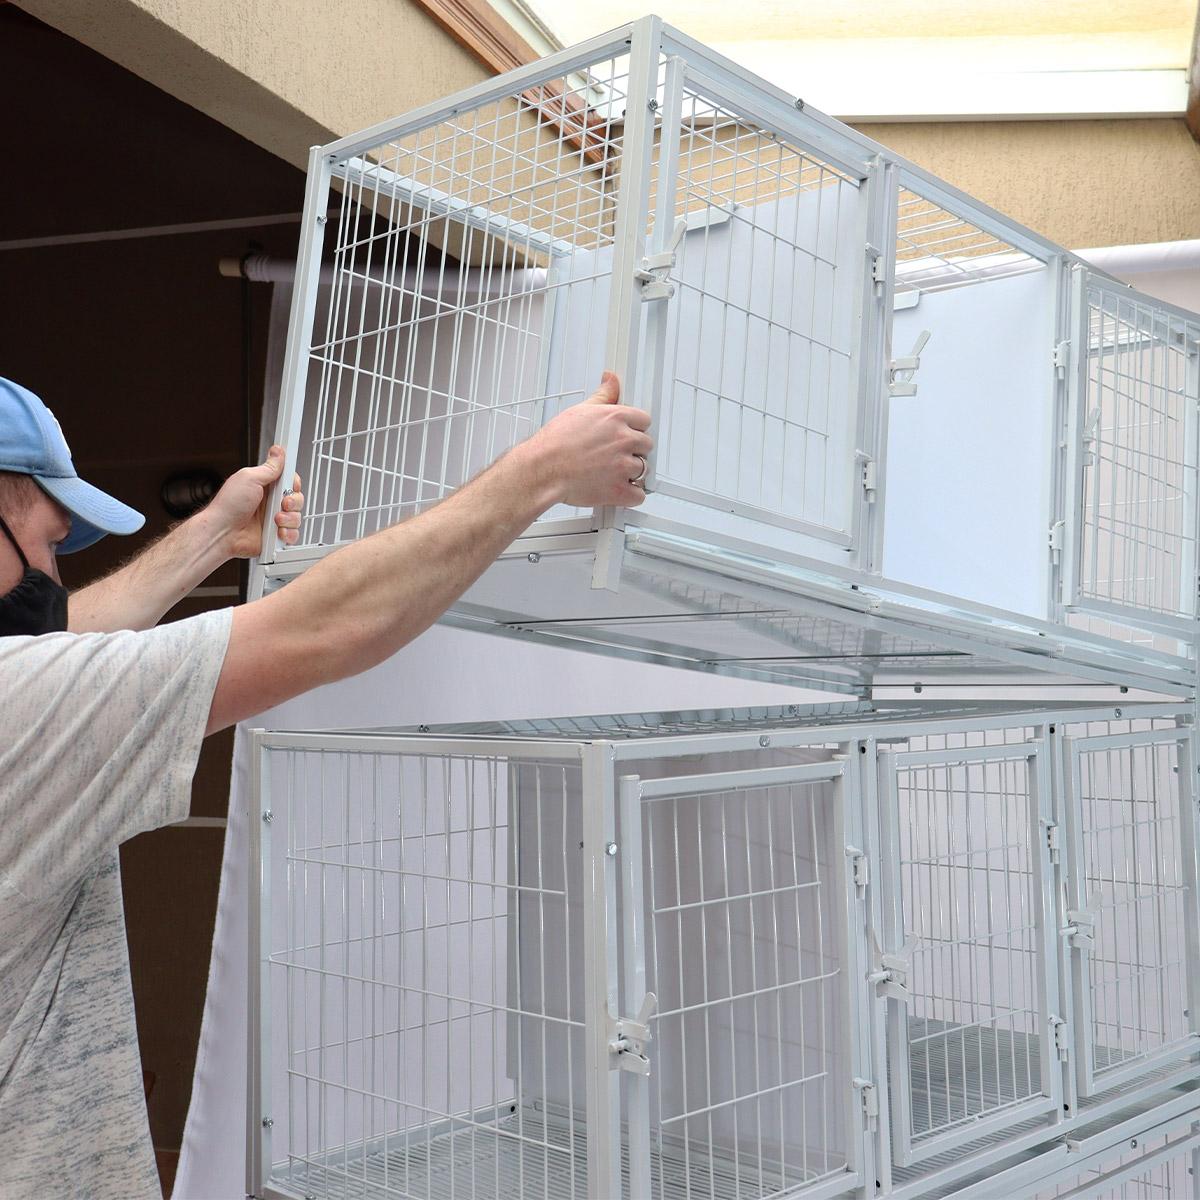 Canil Gatil 8 Lugares MODULAR Banho E Tosa Pet Shop Veterinária - Branco